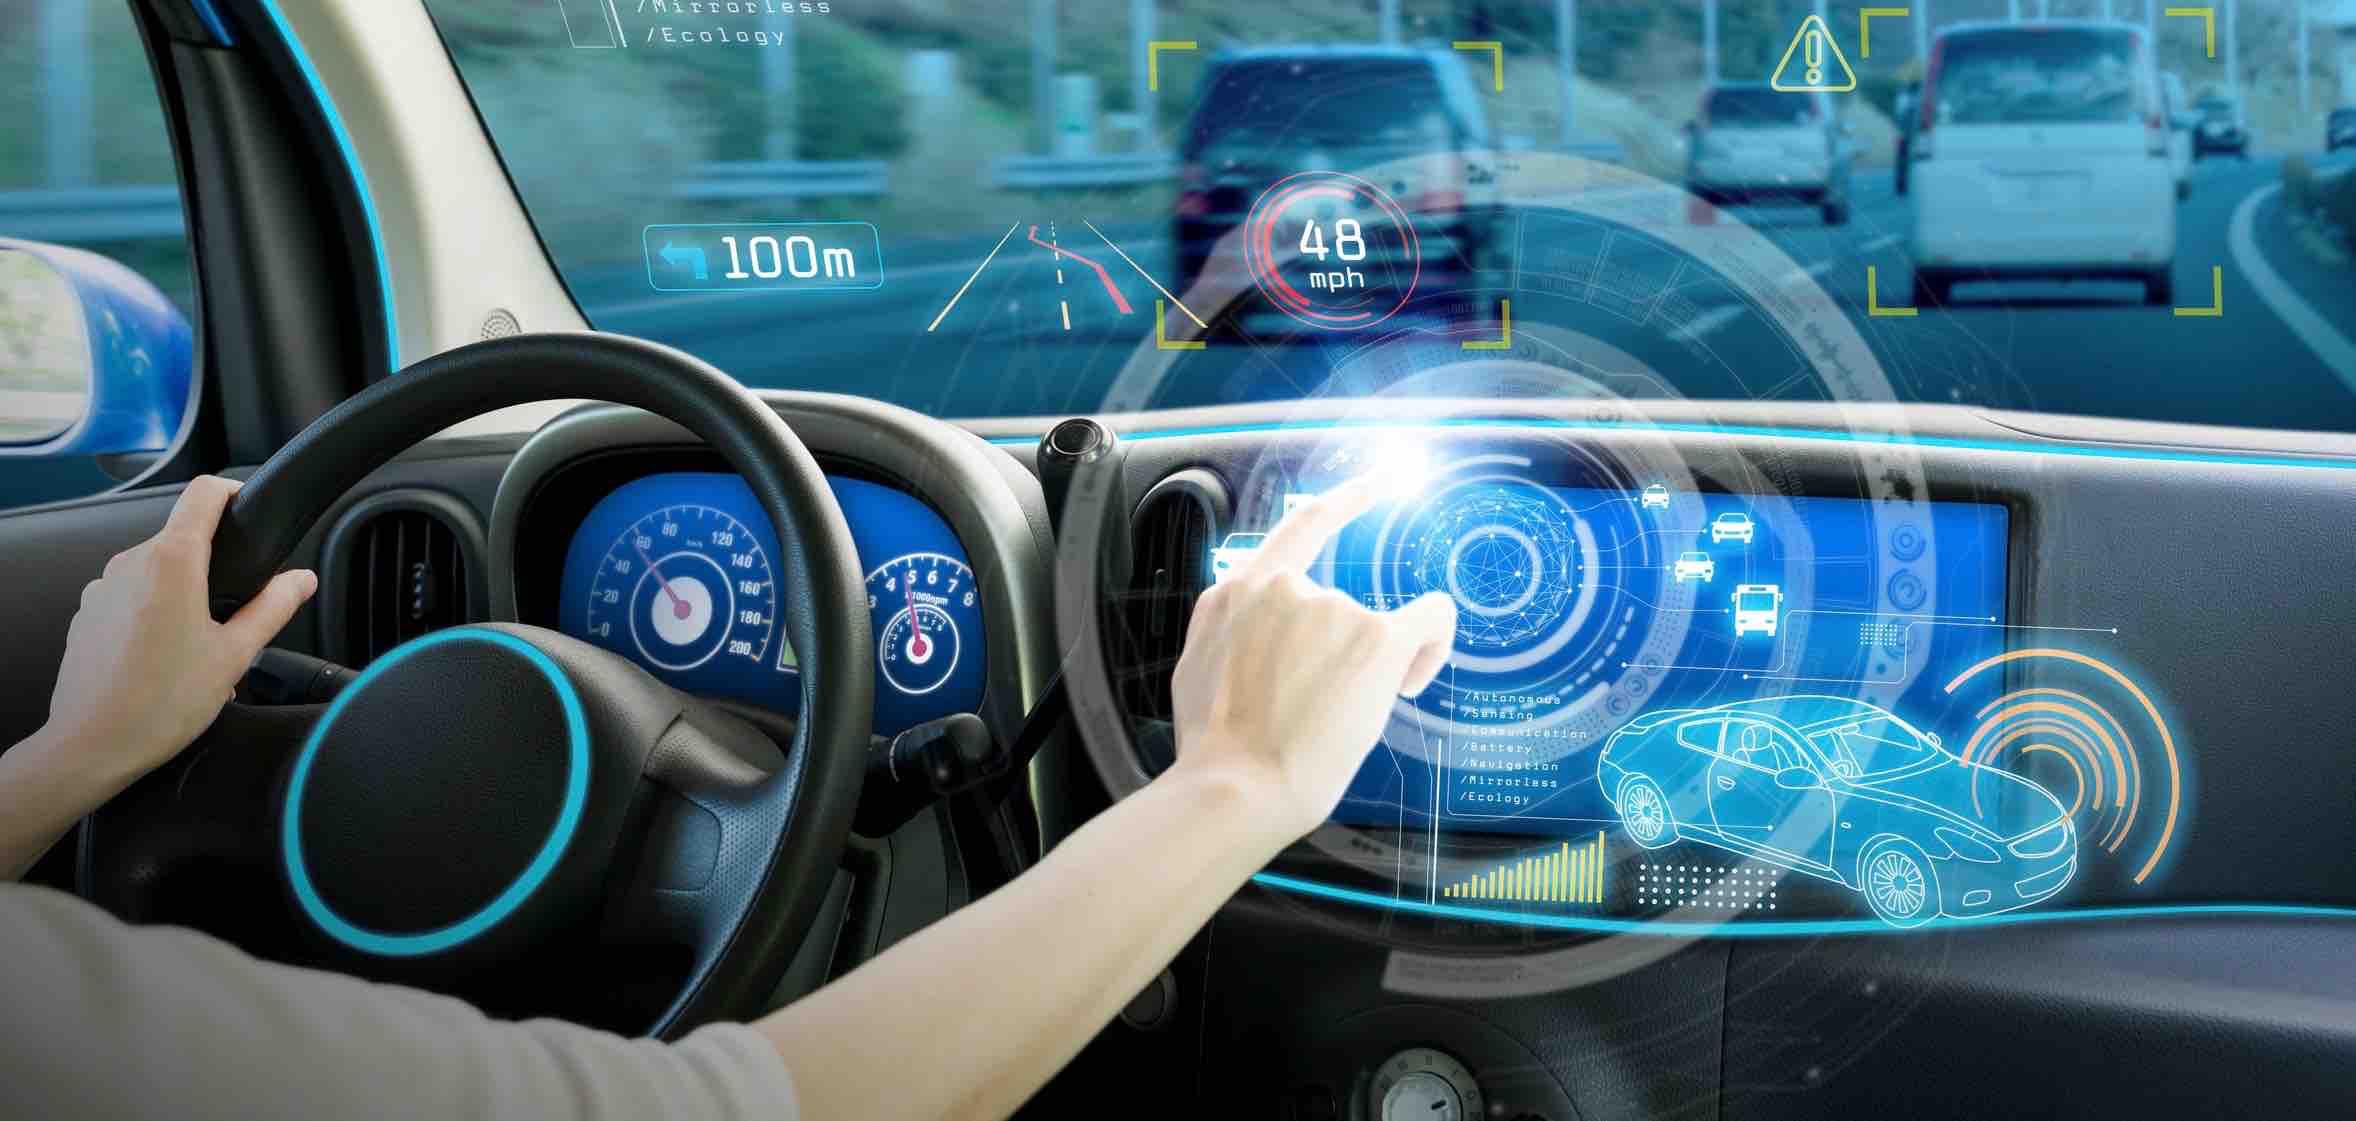 Automotive-Security-Smart-Car.jpg